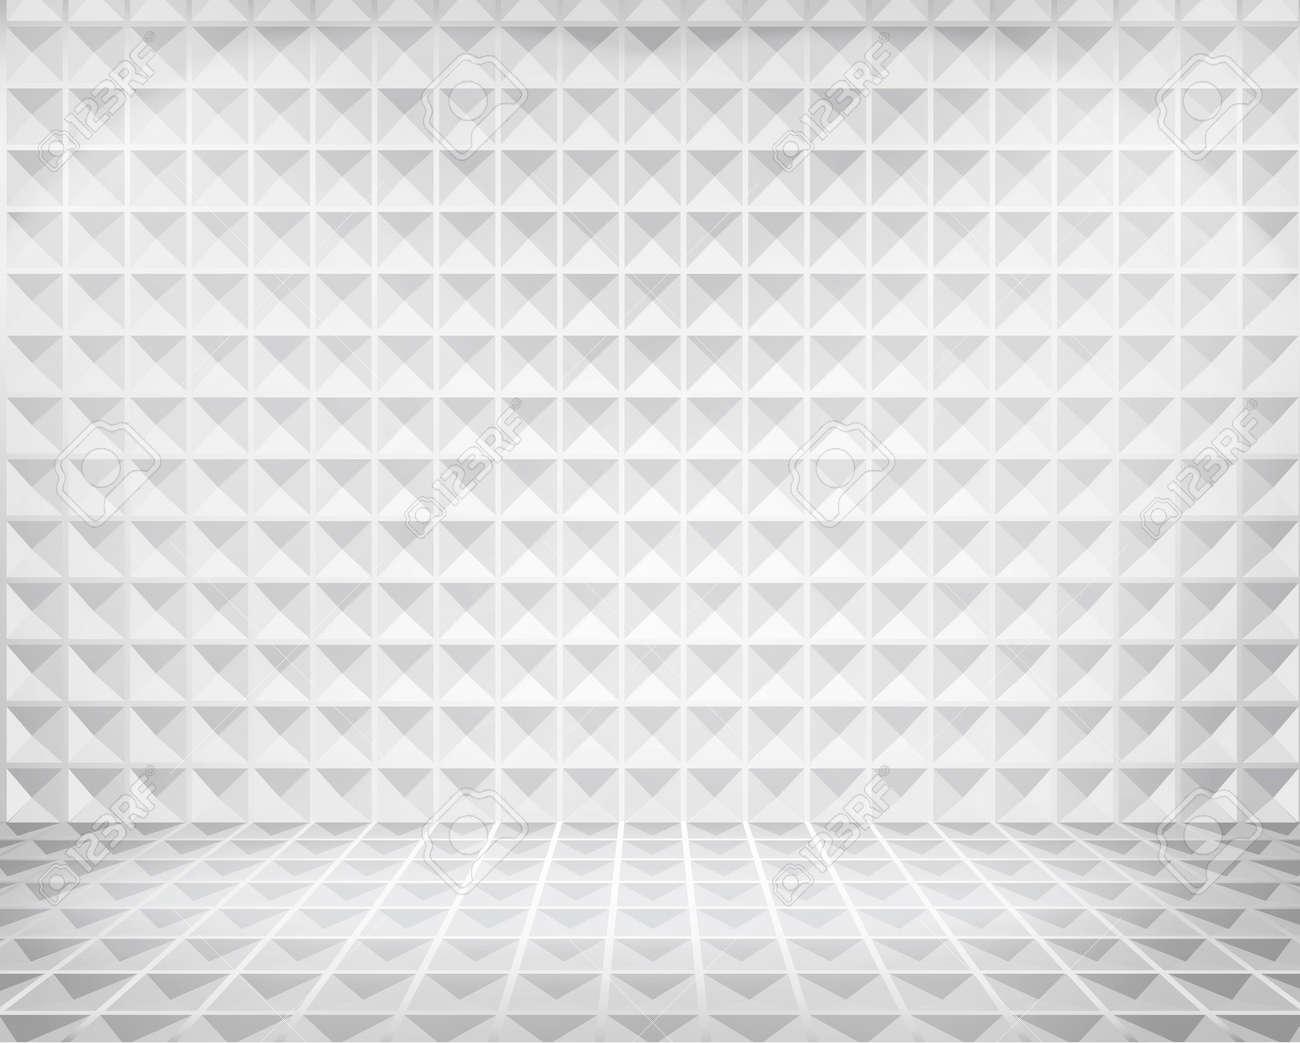 Illuminated space in shop window  illustration Stock Vector - 22842728